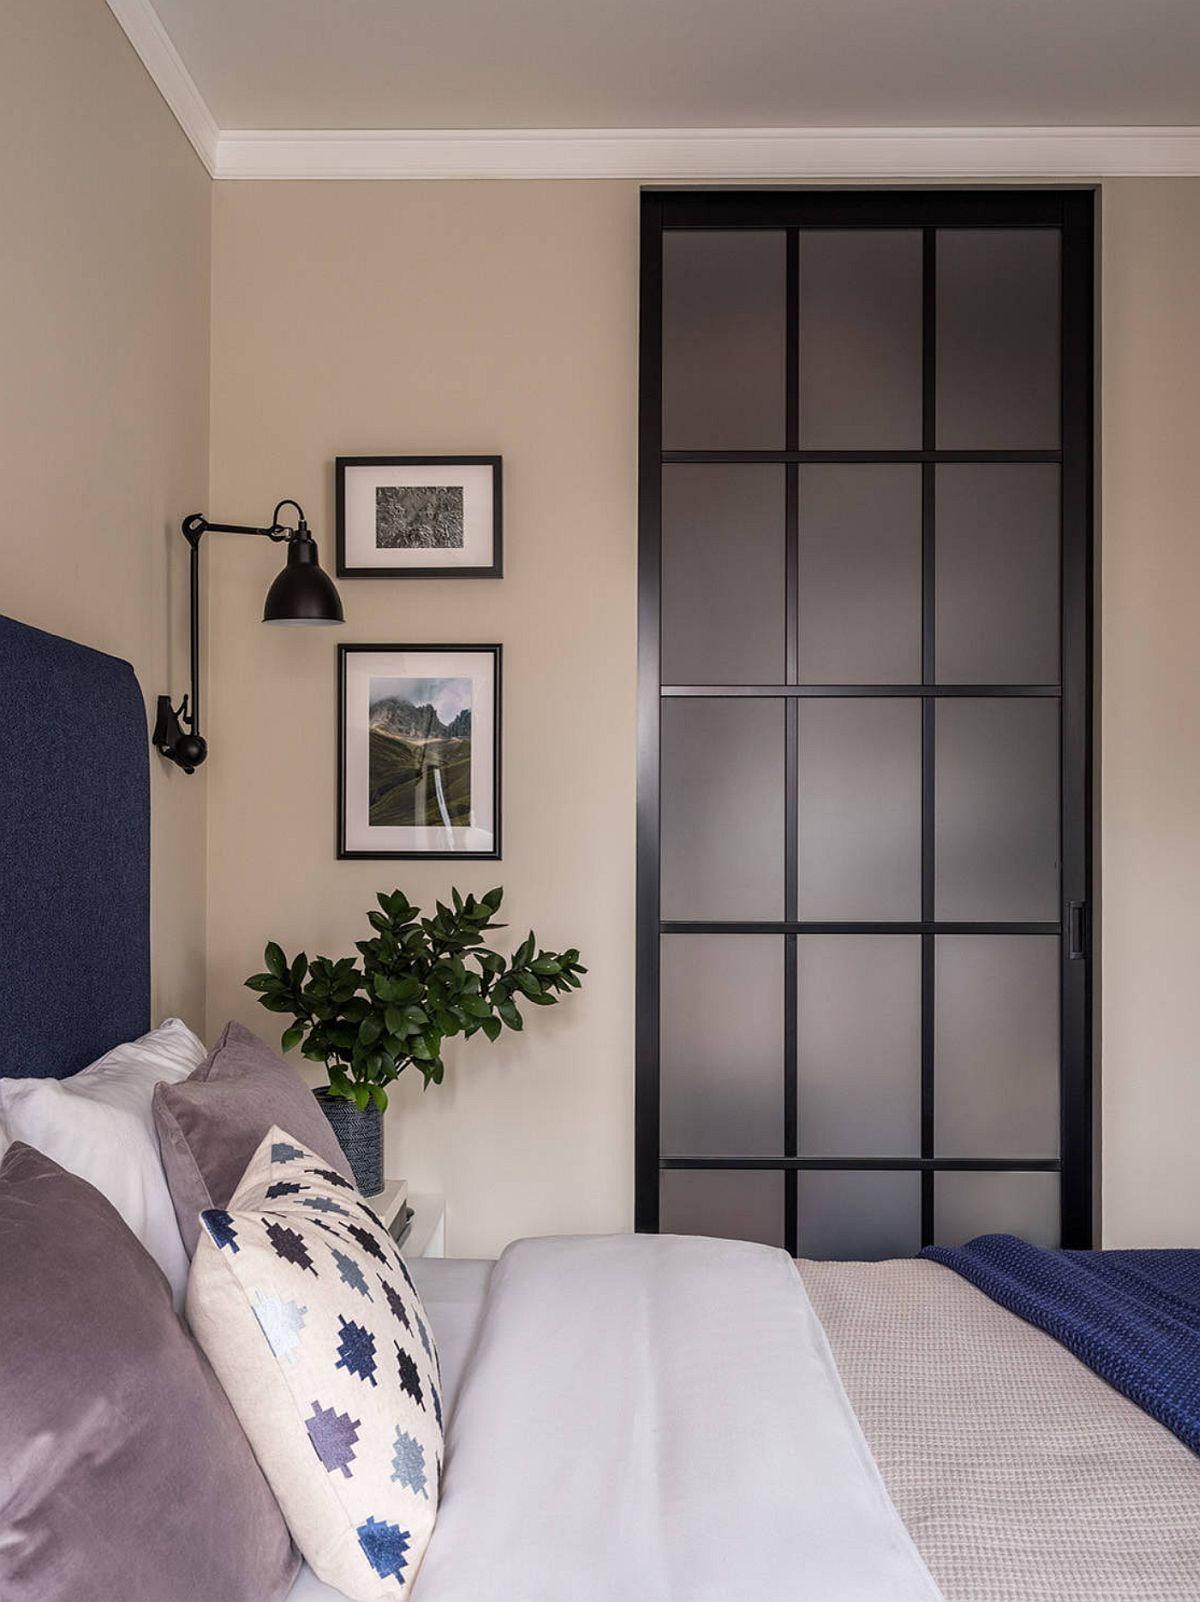 Dressingul este separat de dormitor tot printr-un panou culisant, ceea ce conferă ambientului o notă unitară, mai ales că are același desen, același model cu cel de acces în cameră.